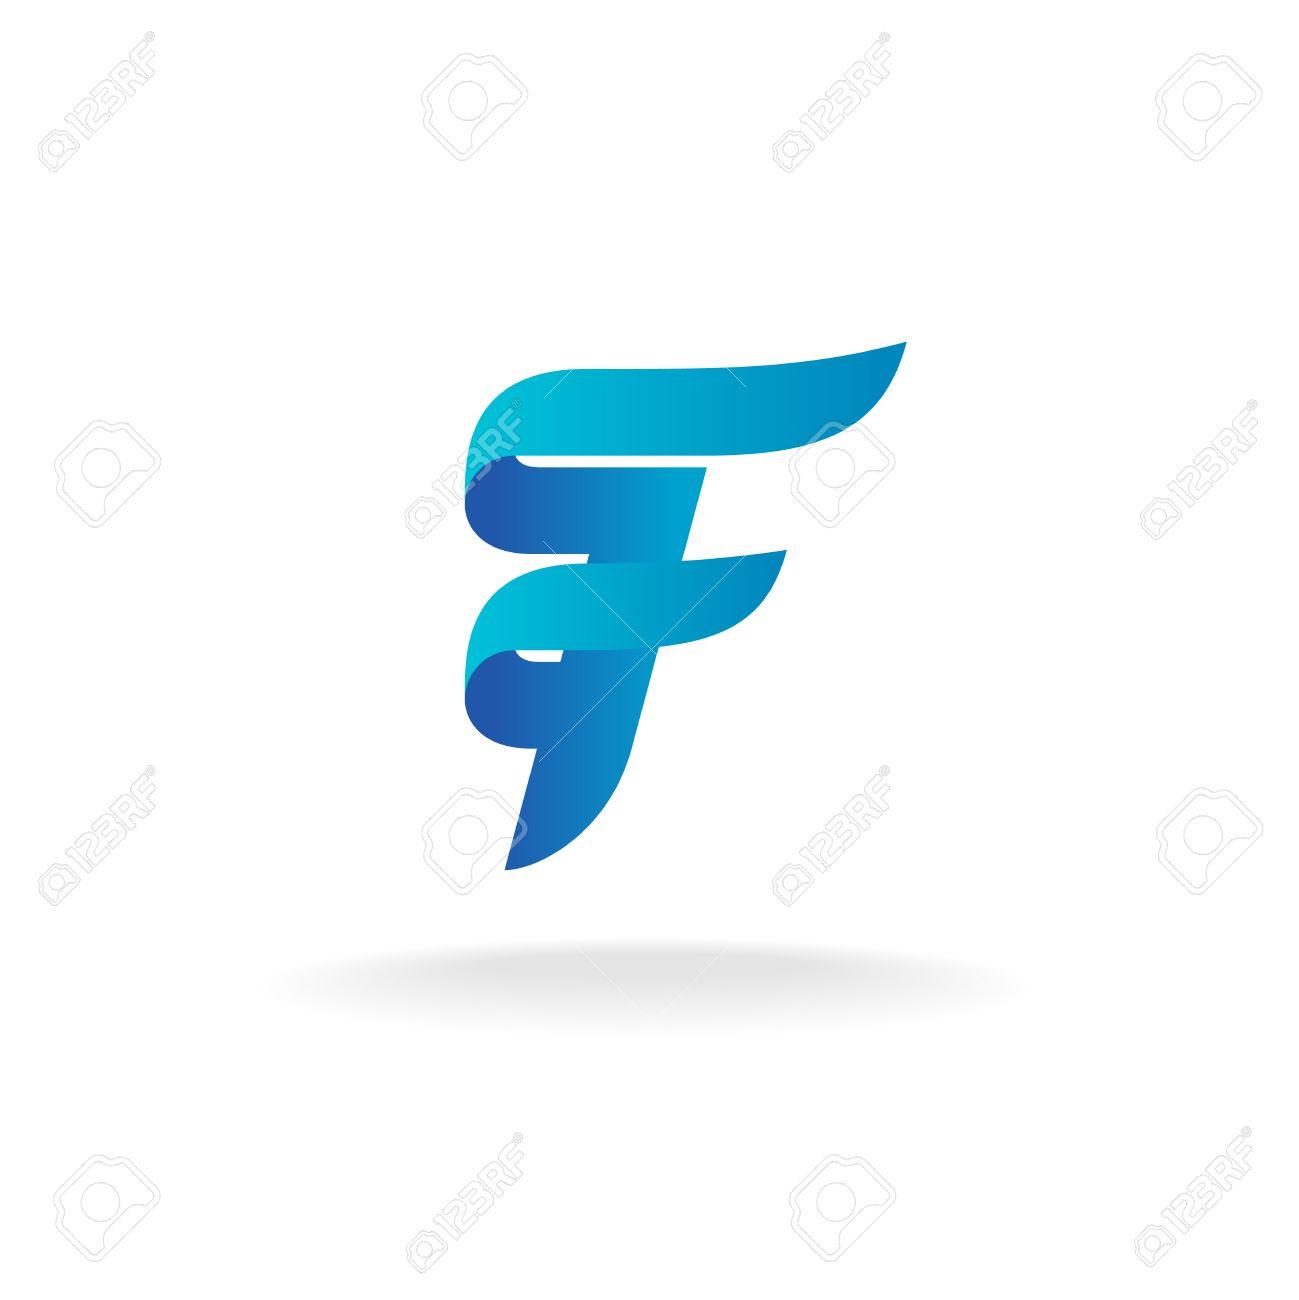 Lettre F logo. Lignes lisses élégant style ruban de couleur.